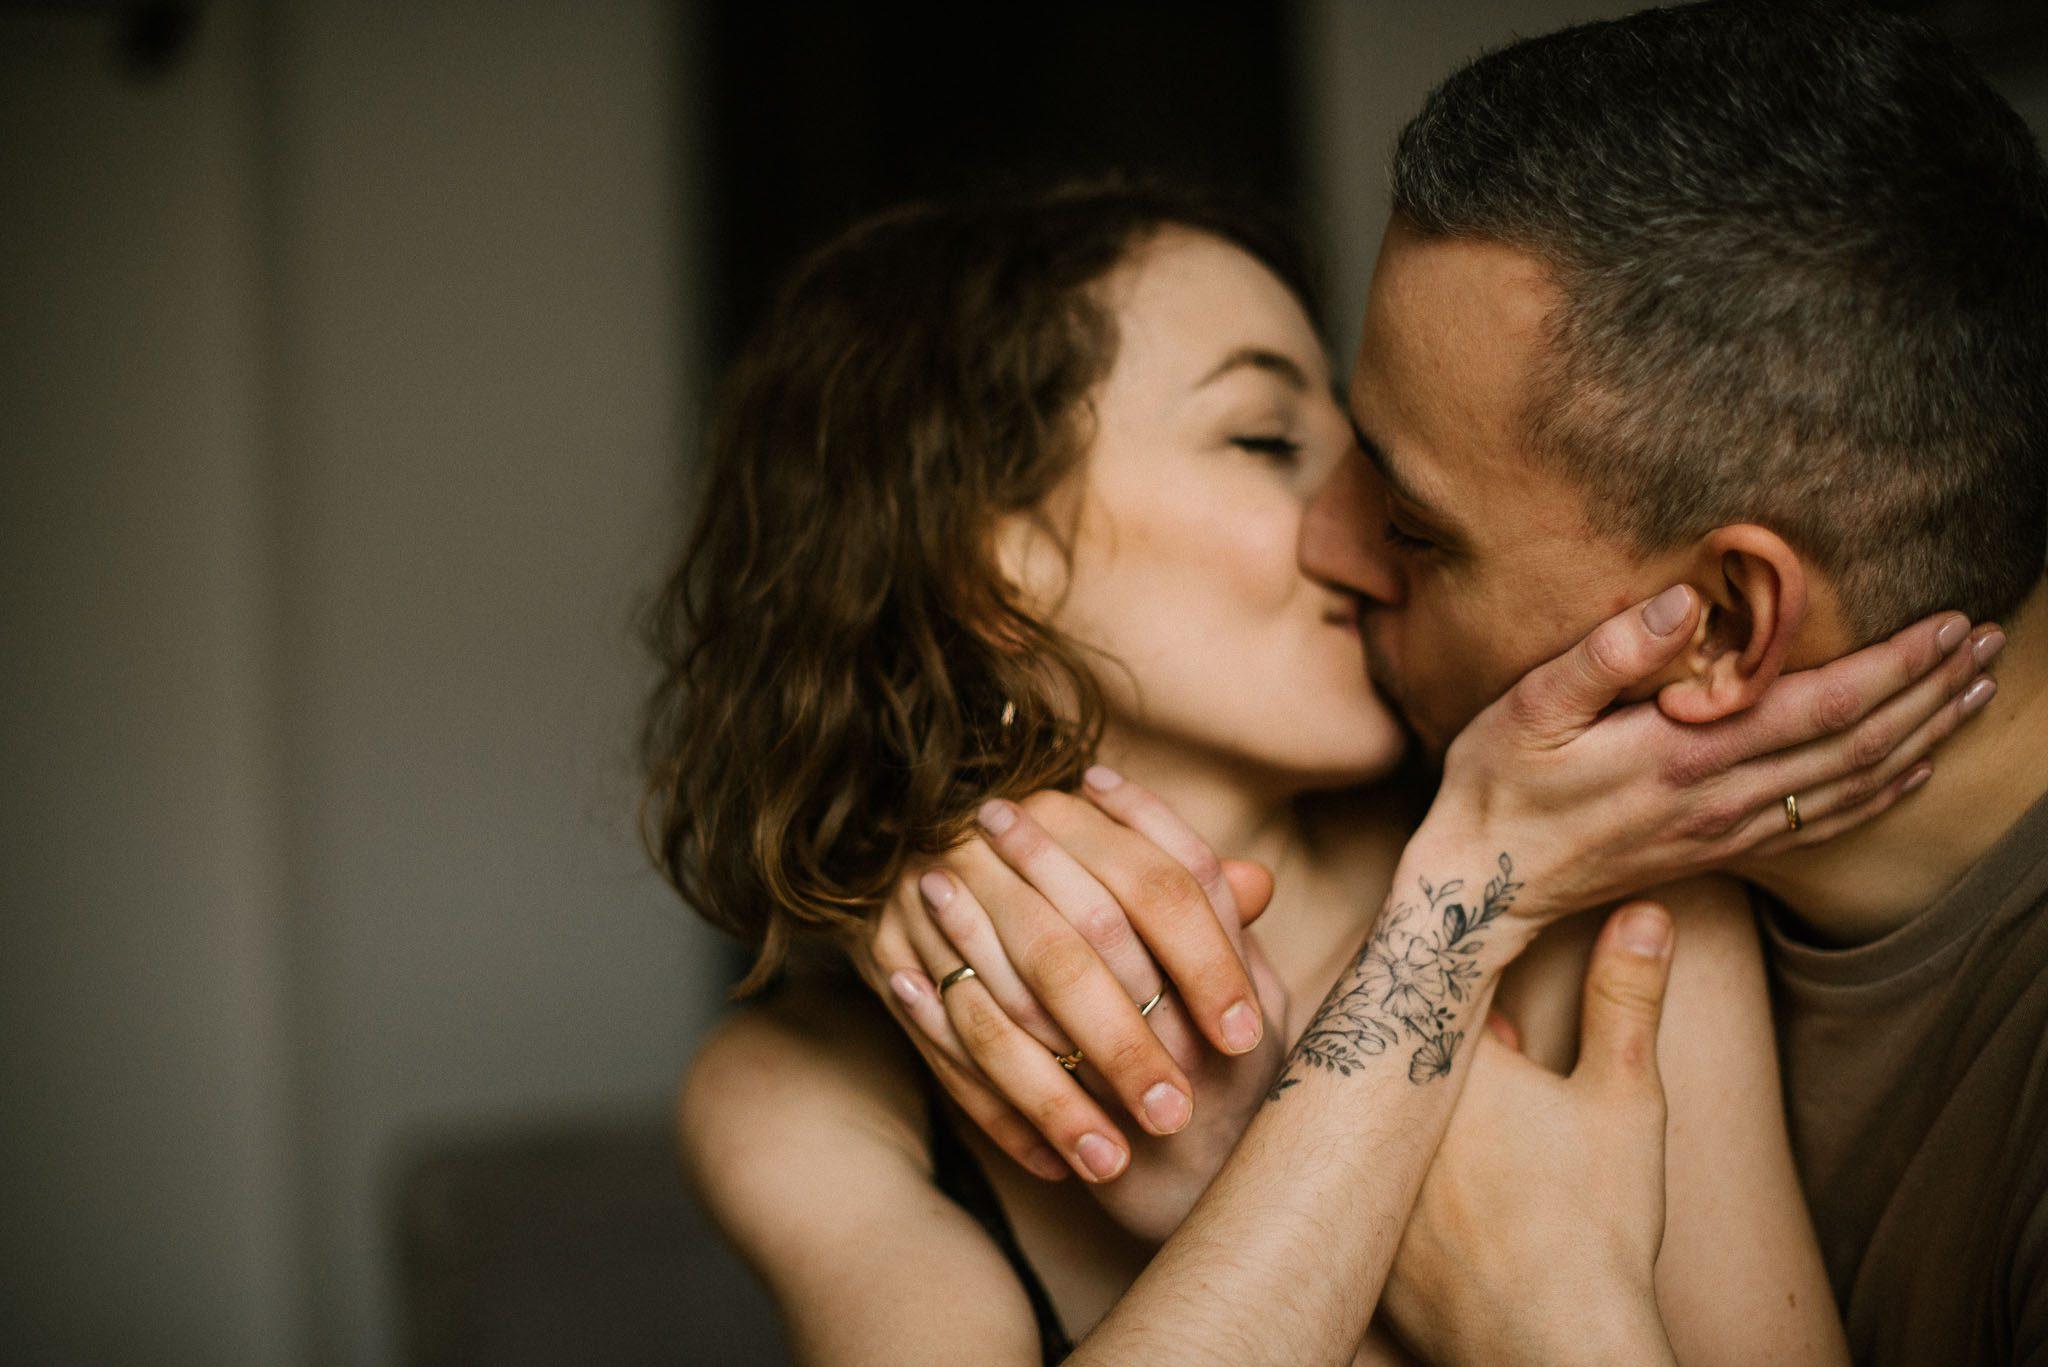 Żona całuje męża i głaszcze go po twarzy - sesja sensualna pary lifestyle w Poznaniu